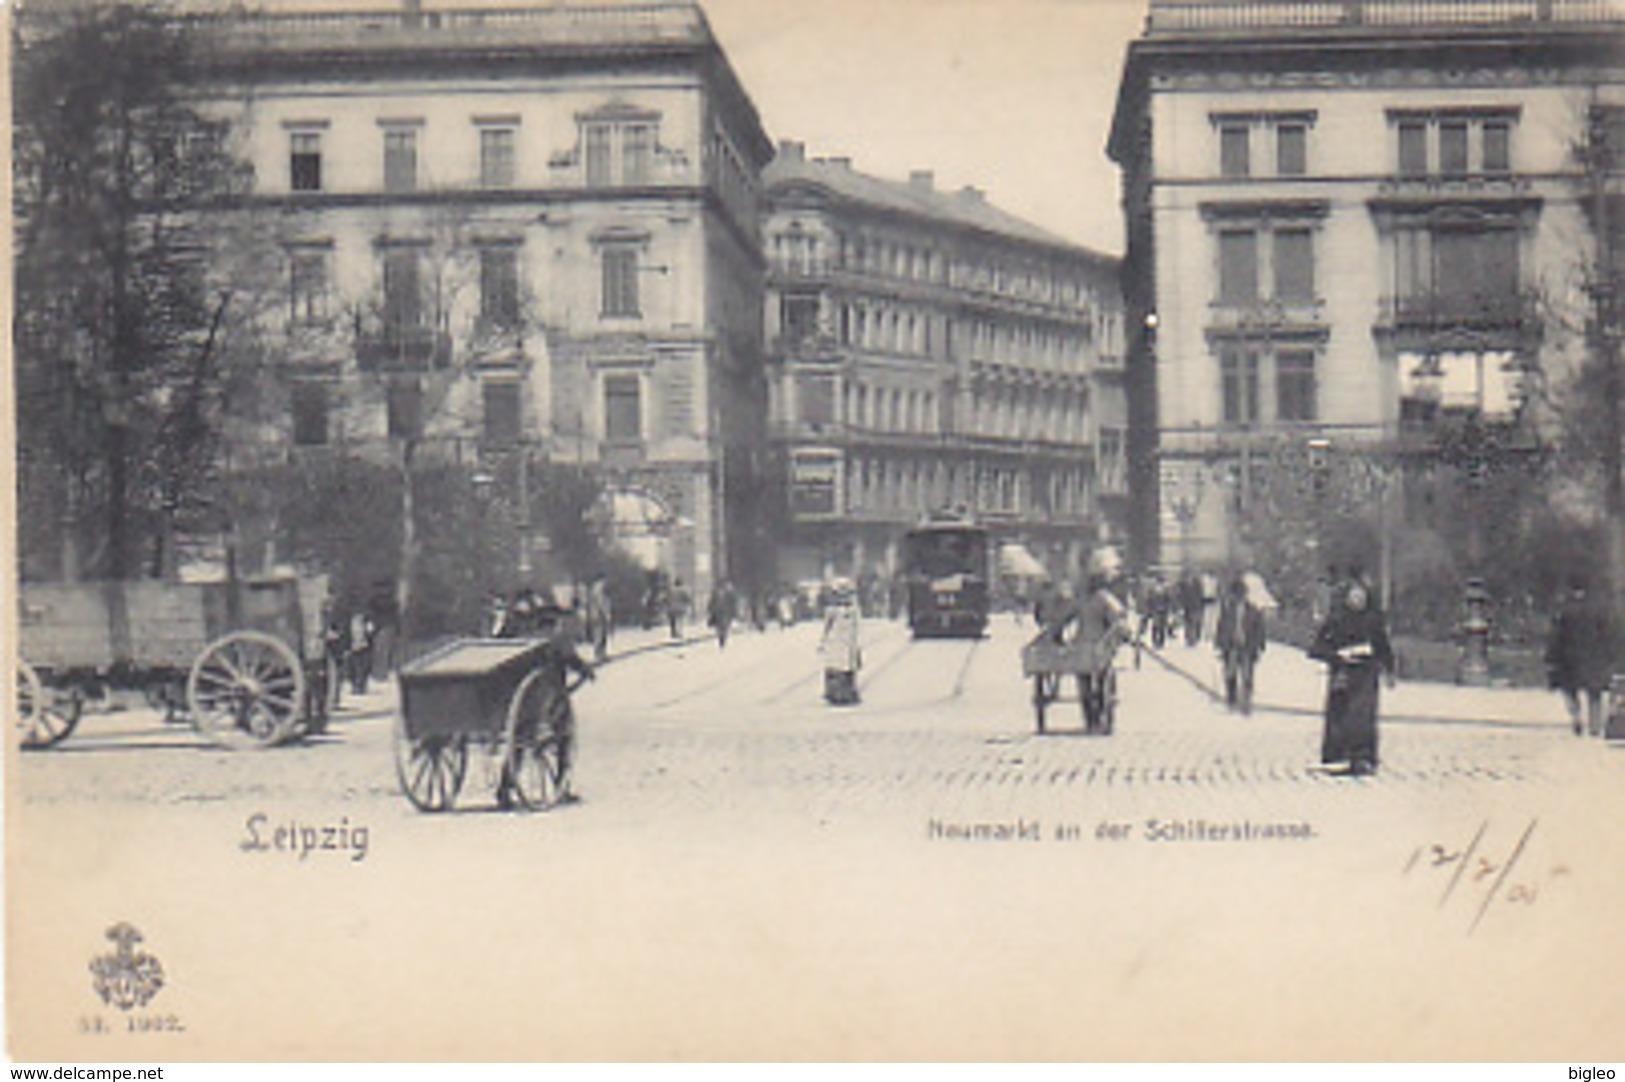 Leipzig - Neumarkt An Der Schillerstrasse           (A-86-160907) - Leipzig